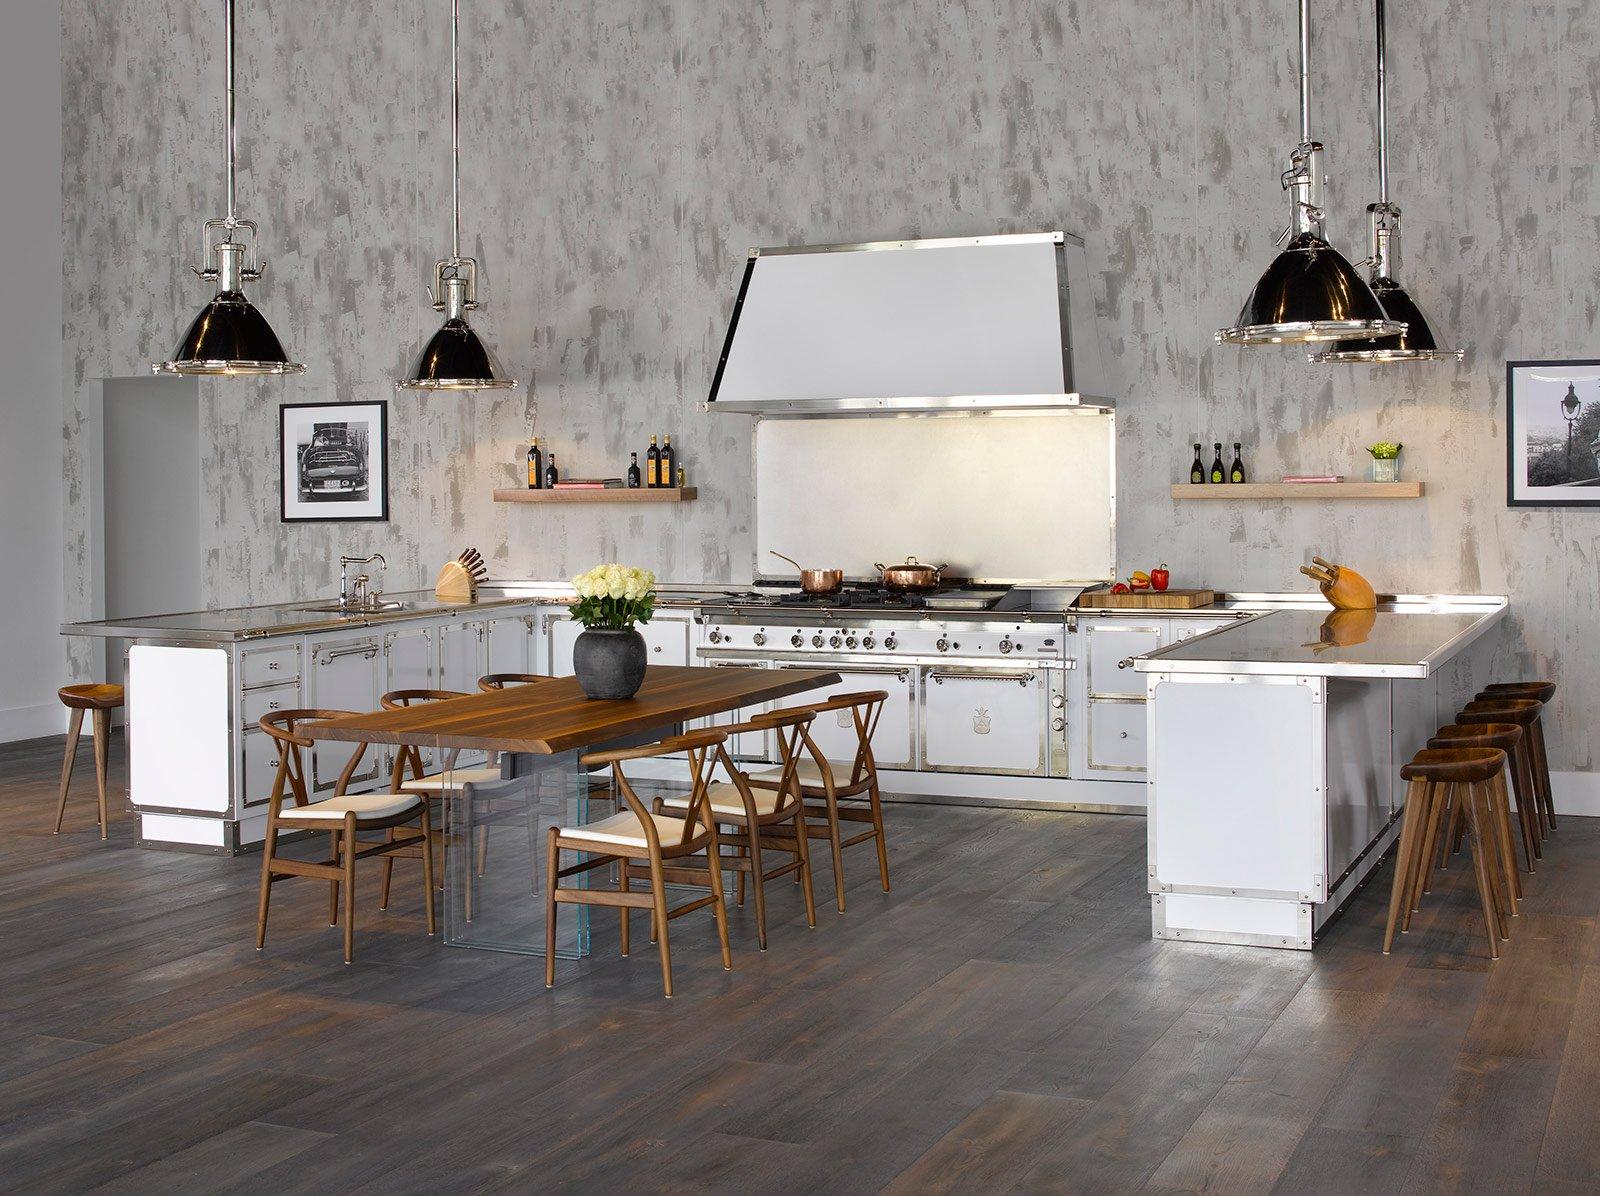 In Ottone E Un Doppio Maxi Forno In Acciaio è Il Fulcro Della Cucina  #A16A2A 1600 1196 Cambiare Colore Al Top Della Cucina